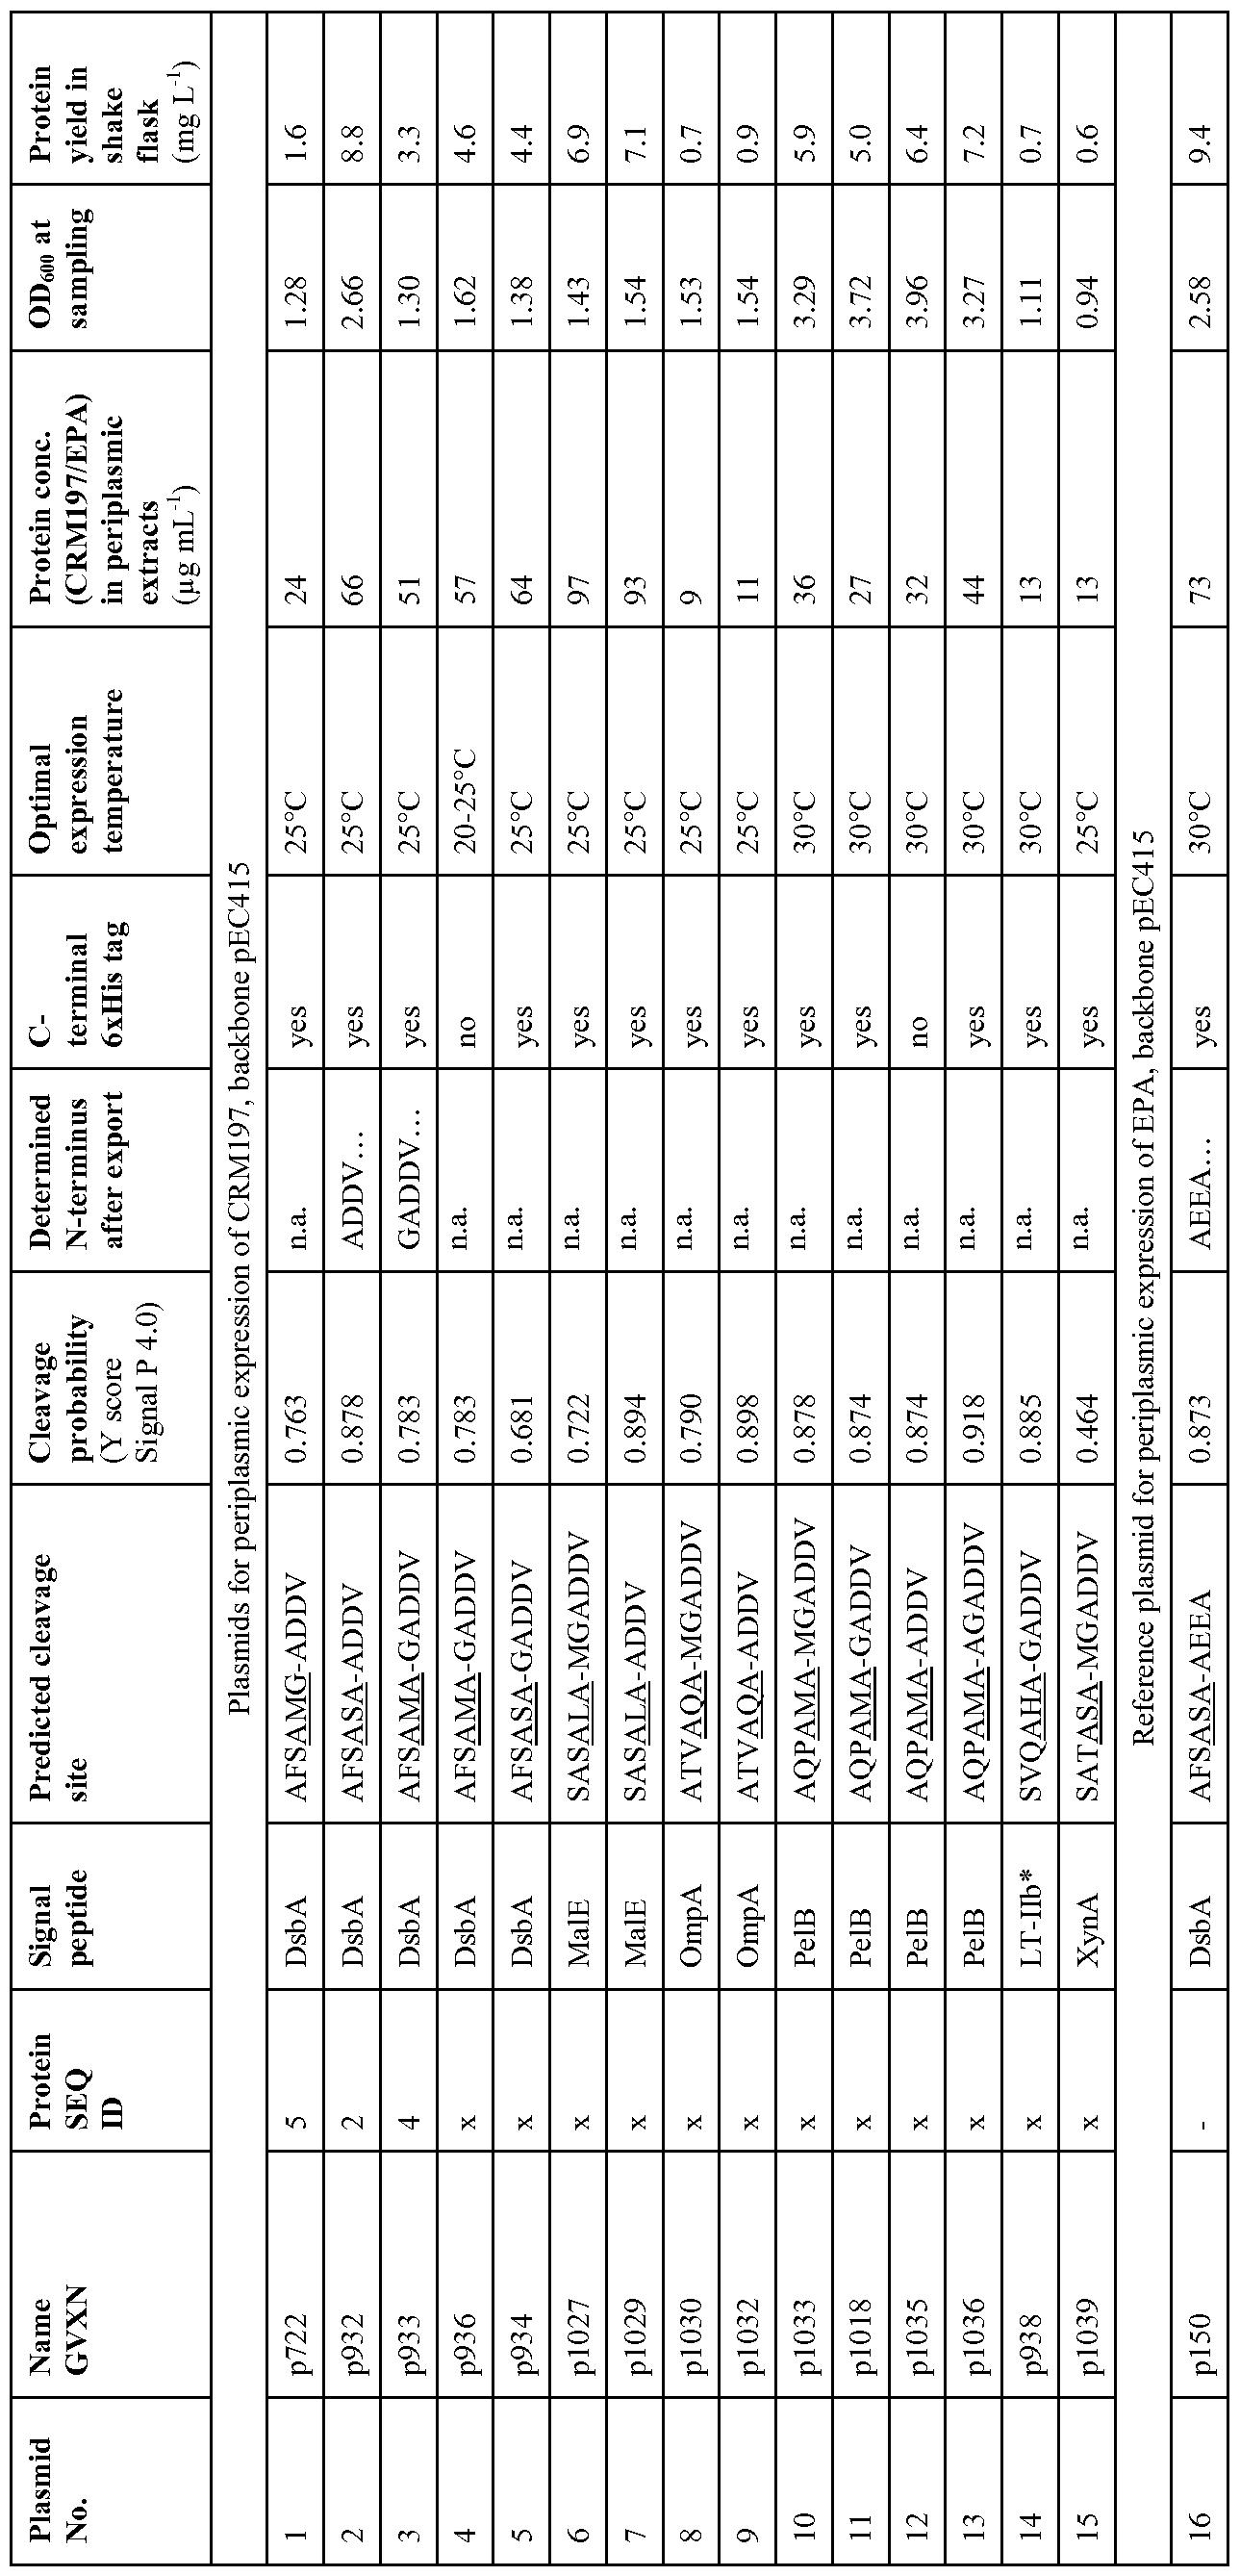 maximum lexapro dose